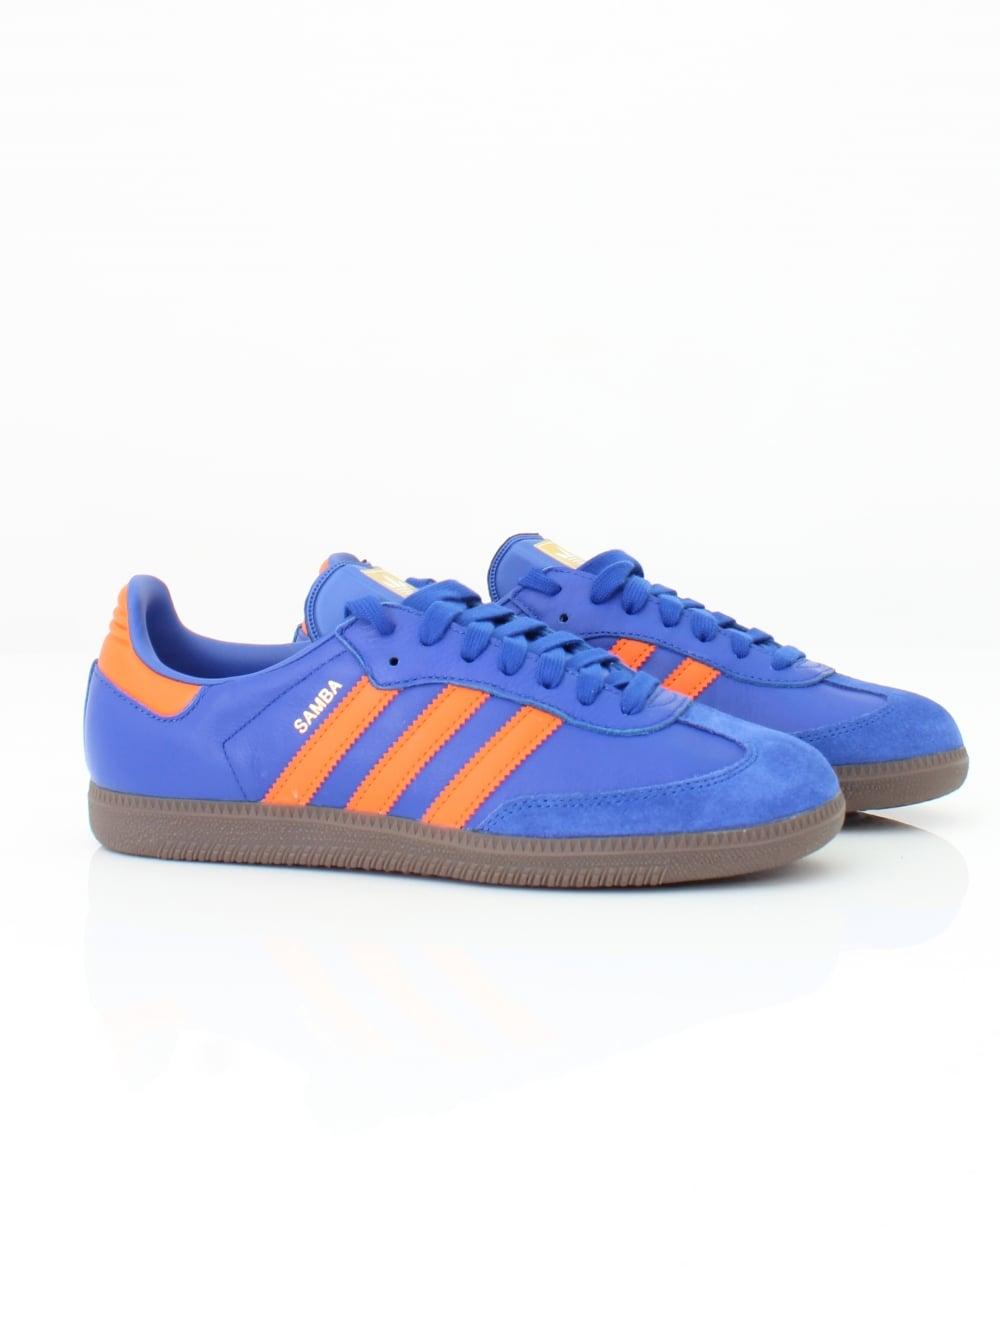 Samba OG Trainer in Blue/Orange